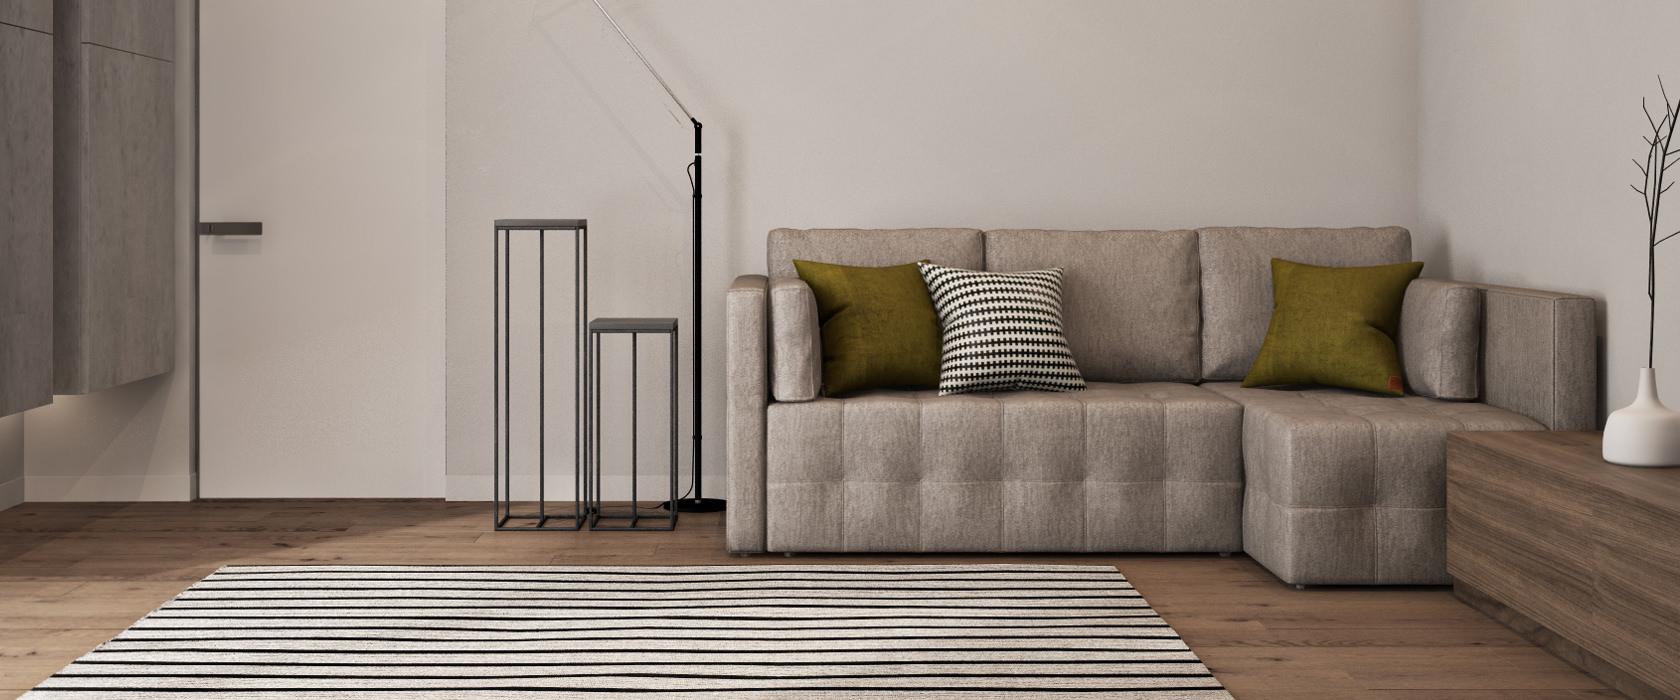 Угловой диван Sofia - Фото 1 - Pufetto